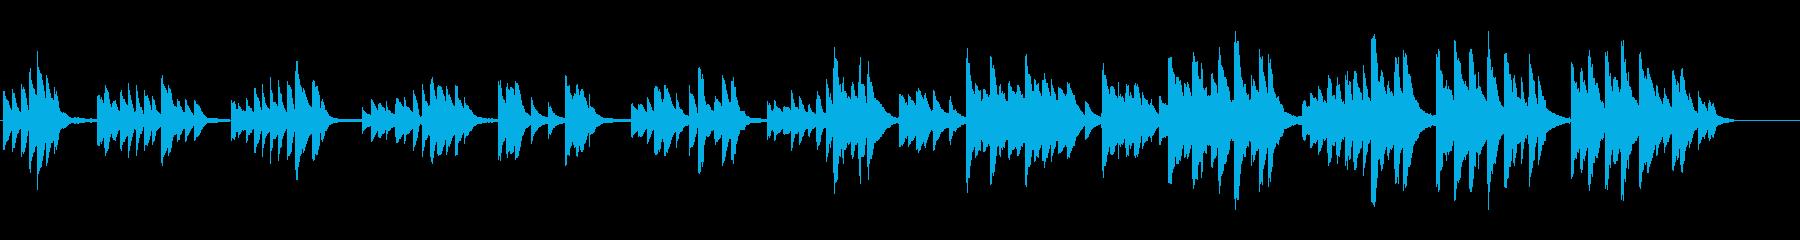 徐々に盛り上がるピアノ曲  の再生済みの波形